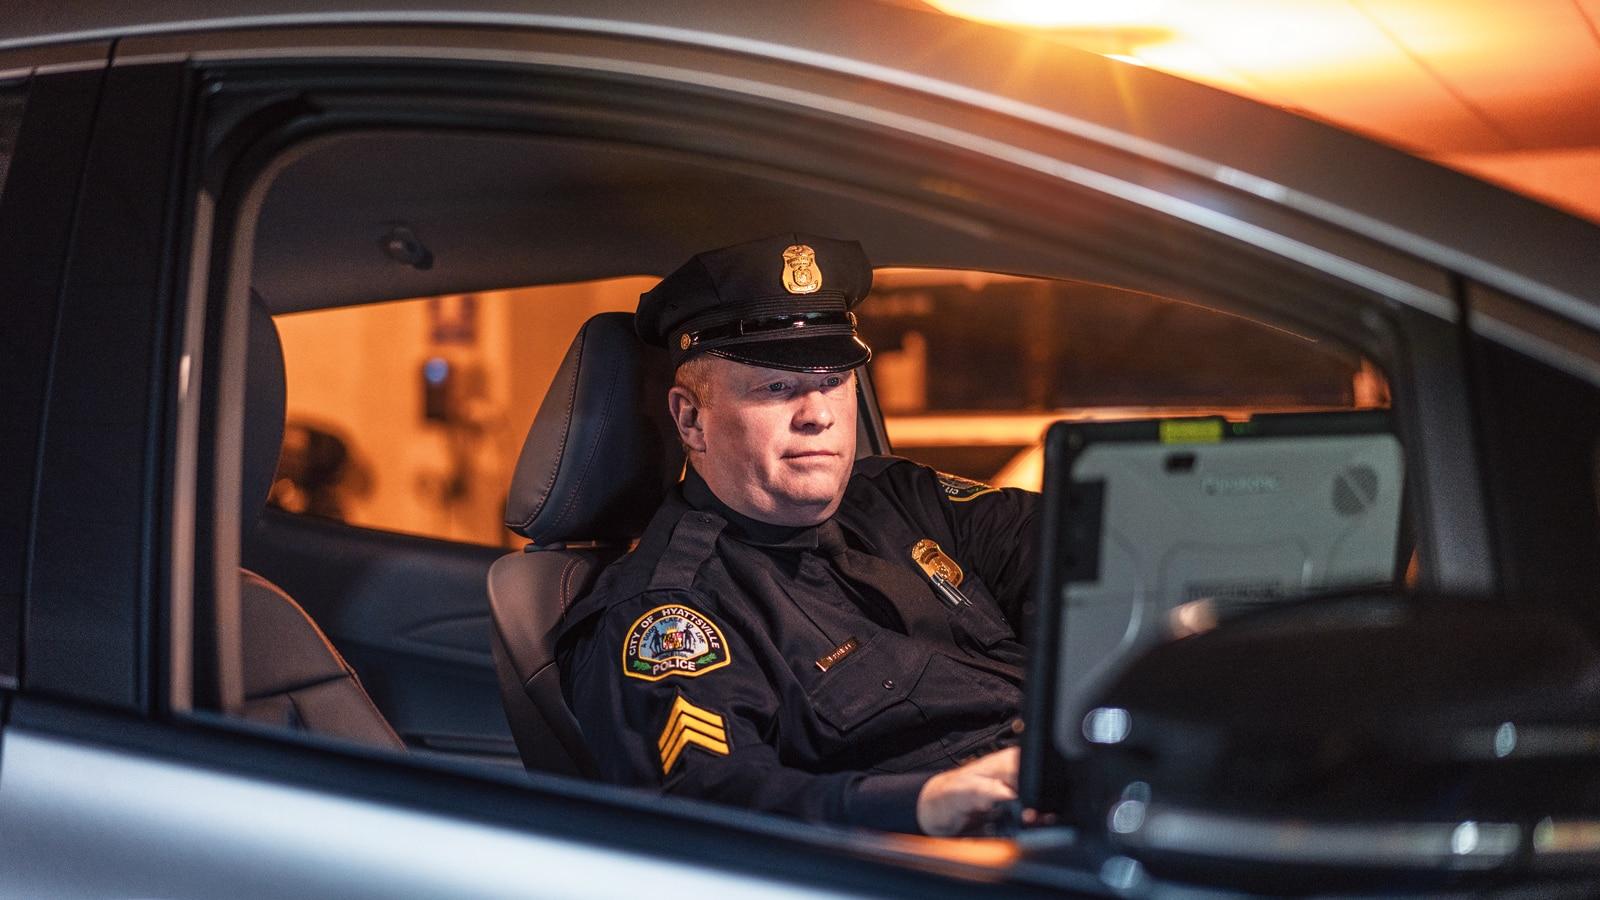 El sargento Richard Hartnett al volante del Chevrolet Bolt EV patrulla del departamento.